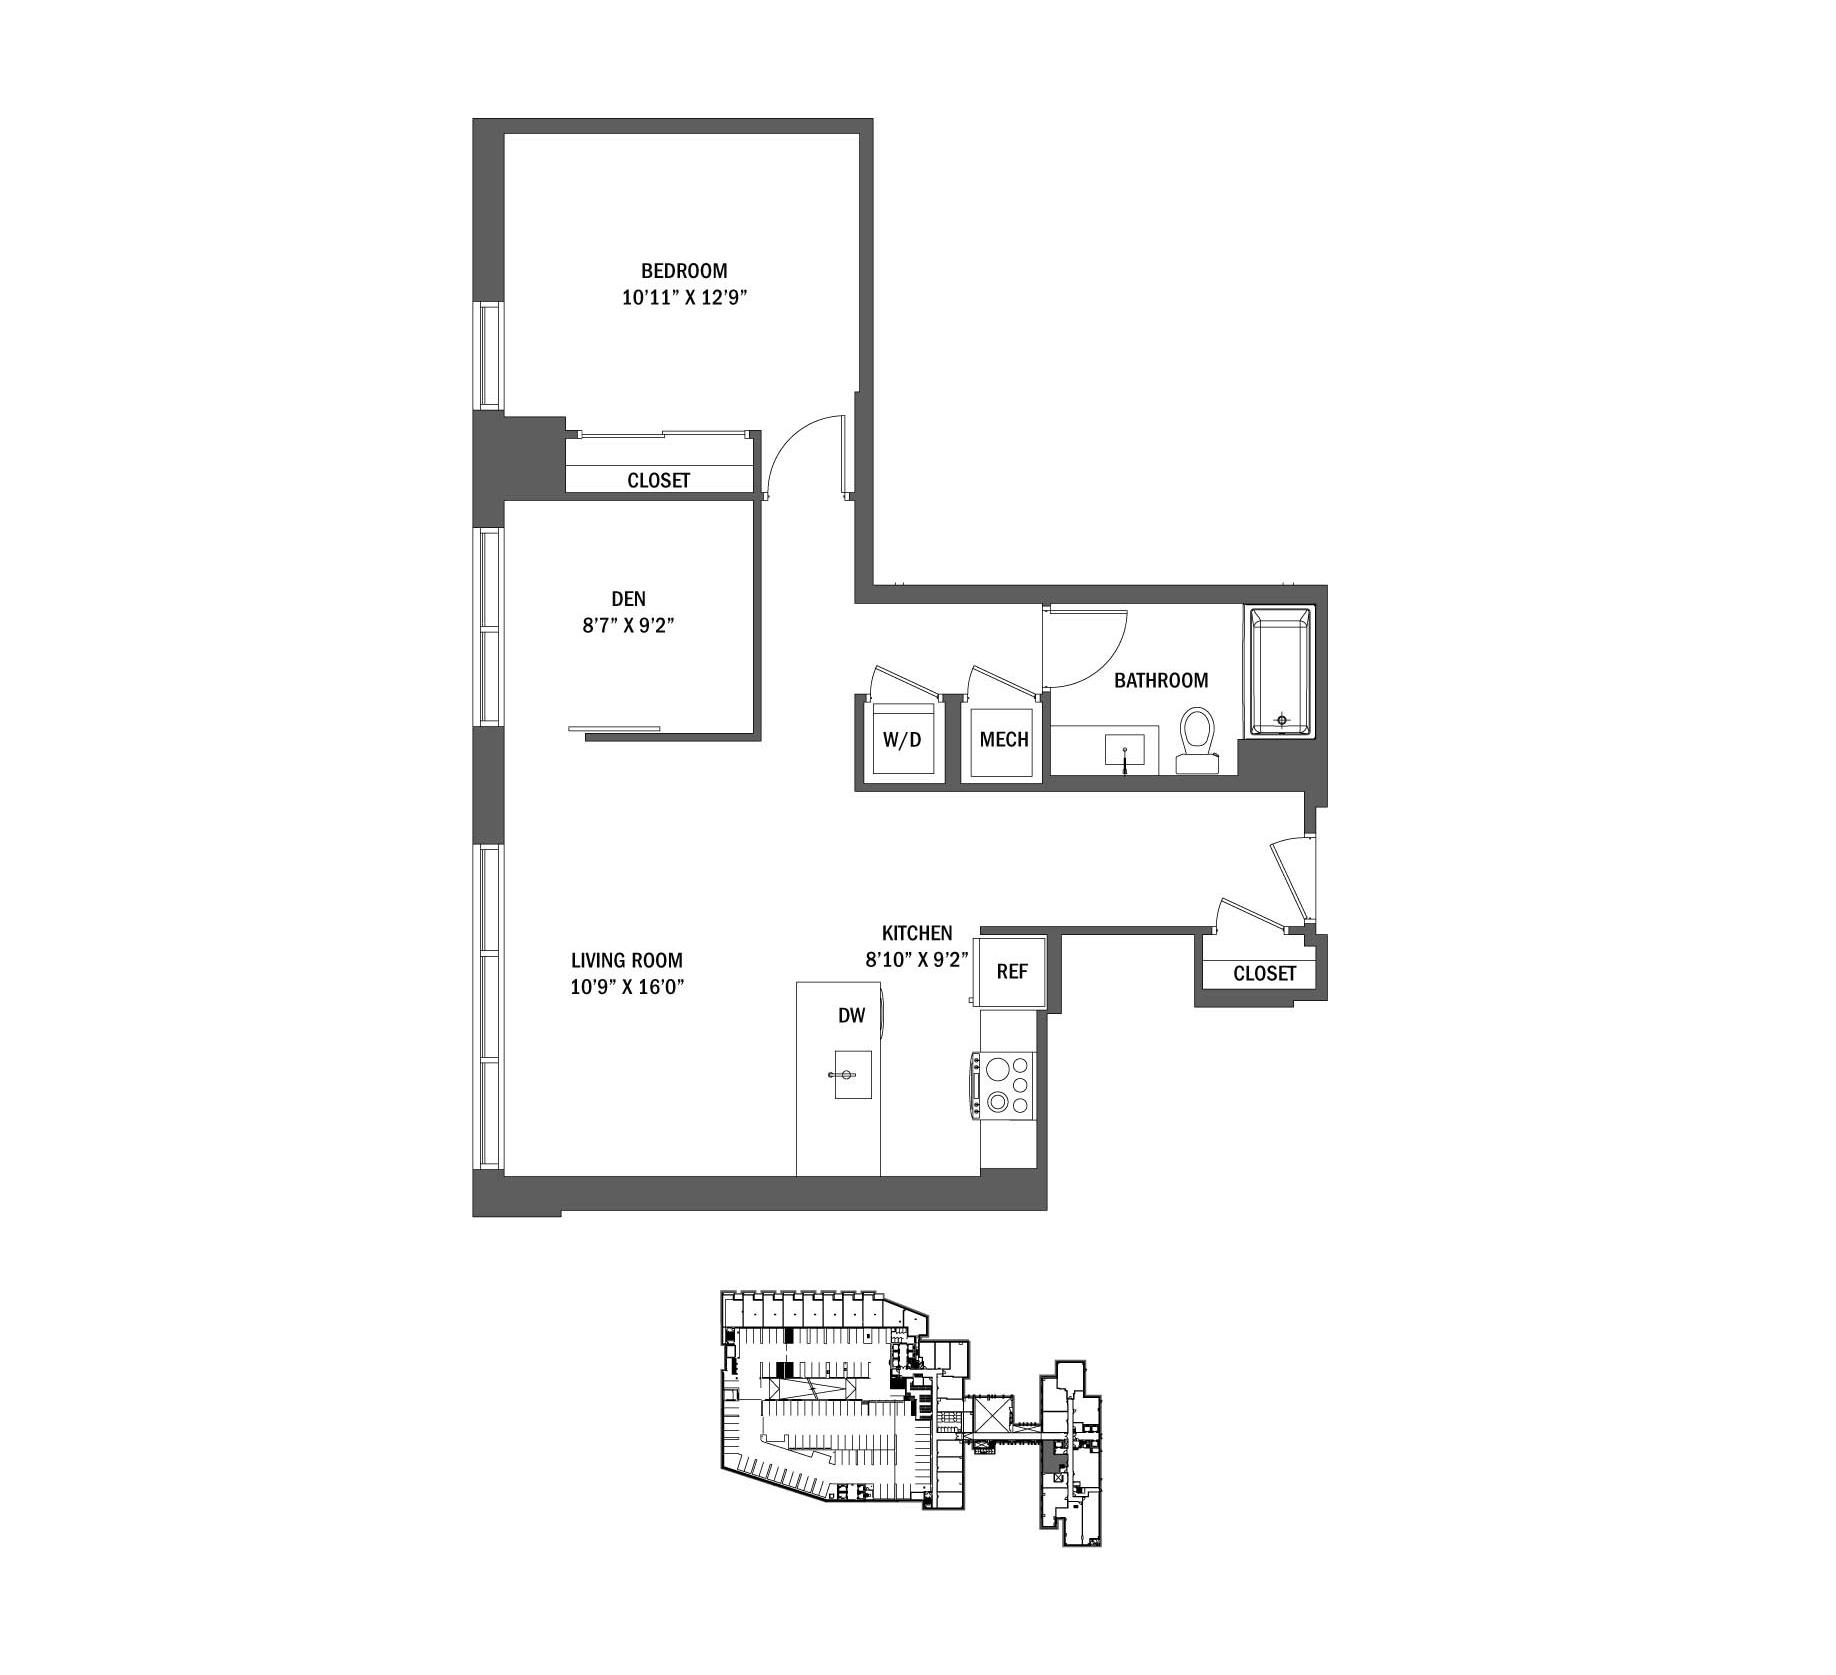 P0625338 789aad02 e06 02 2 floorplan